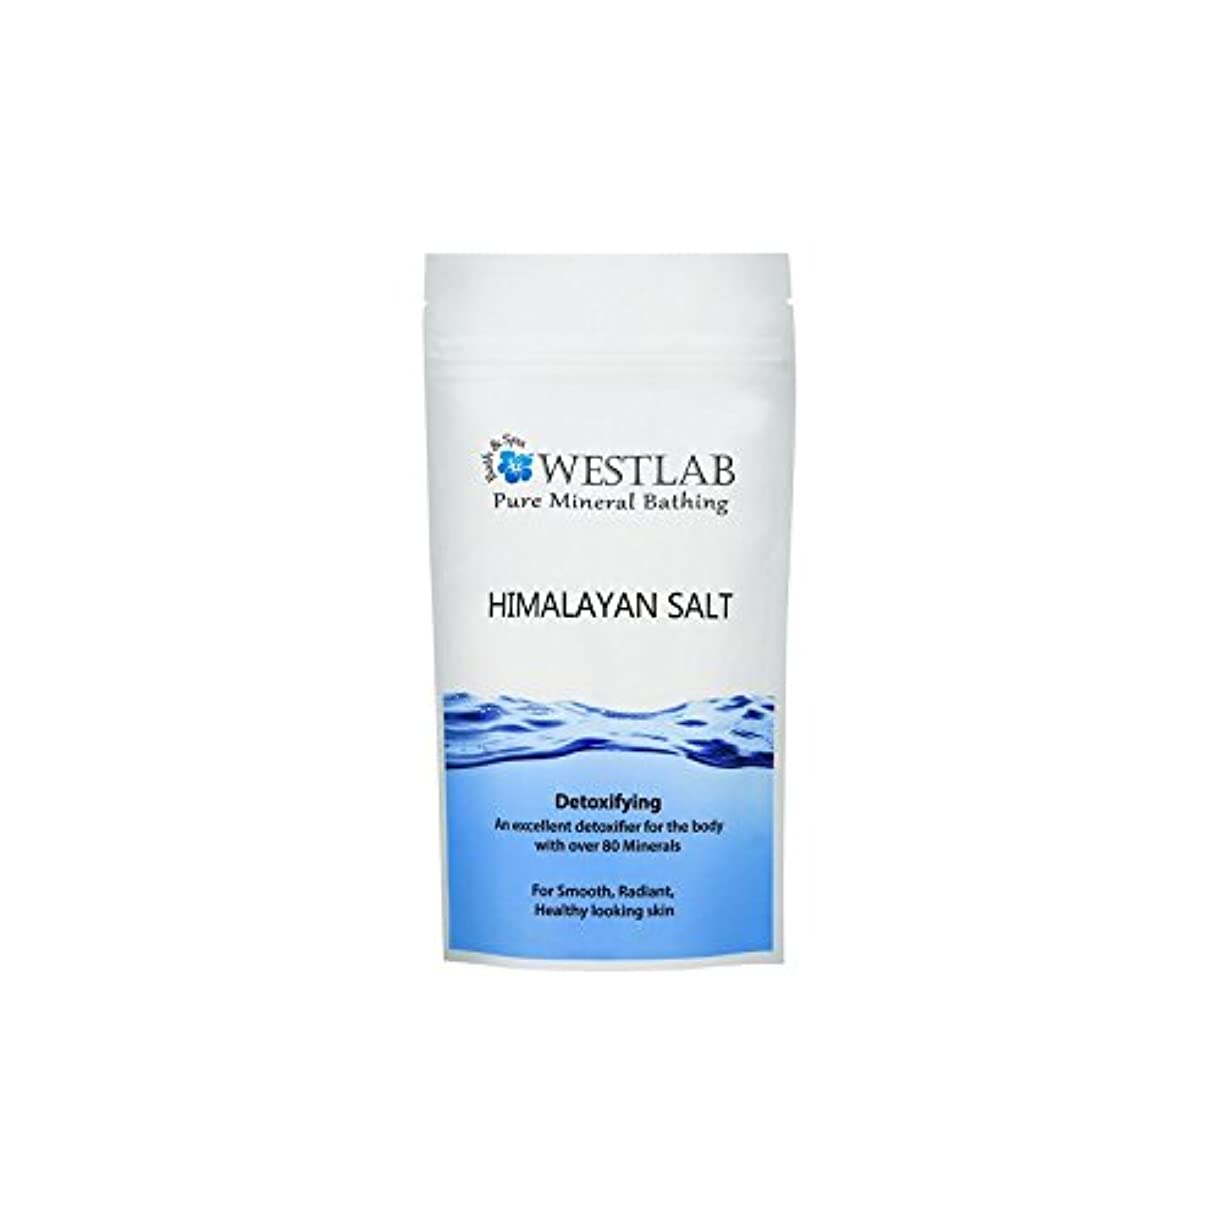 キャベツ読みやすい別にヒマラヤの塩500グラム x2 - Westlab Himalayan Salt 500g (Pack of 2) [並行輸入品]